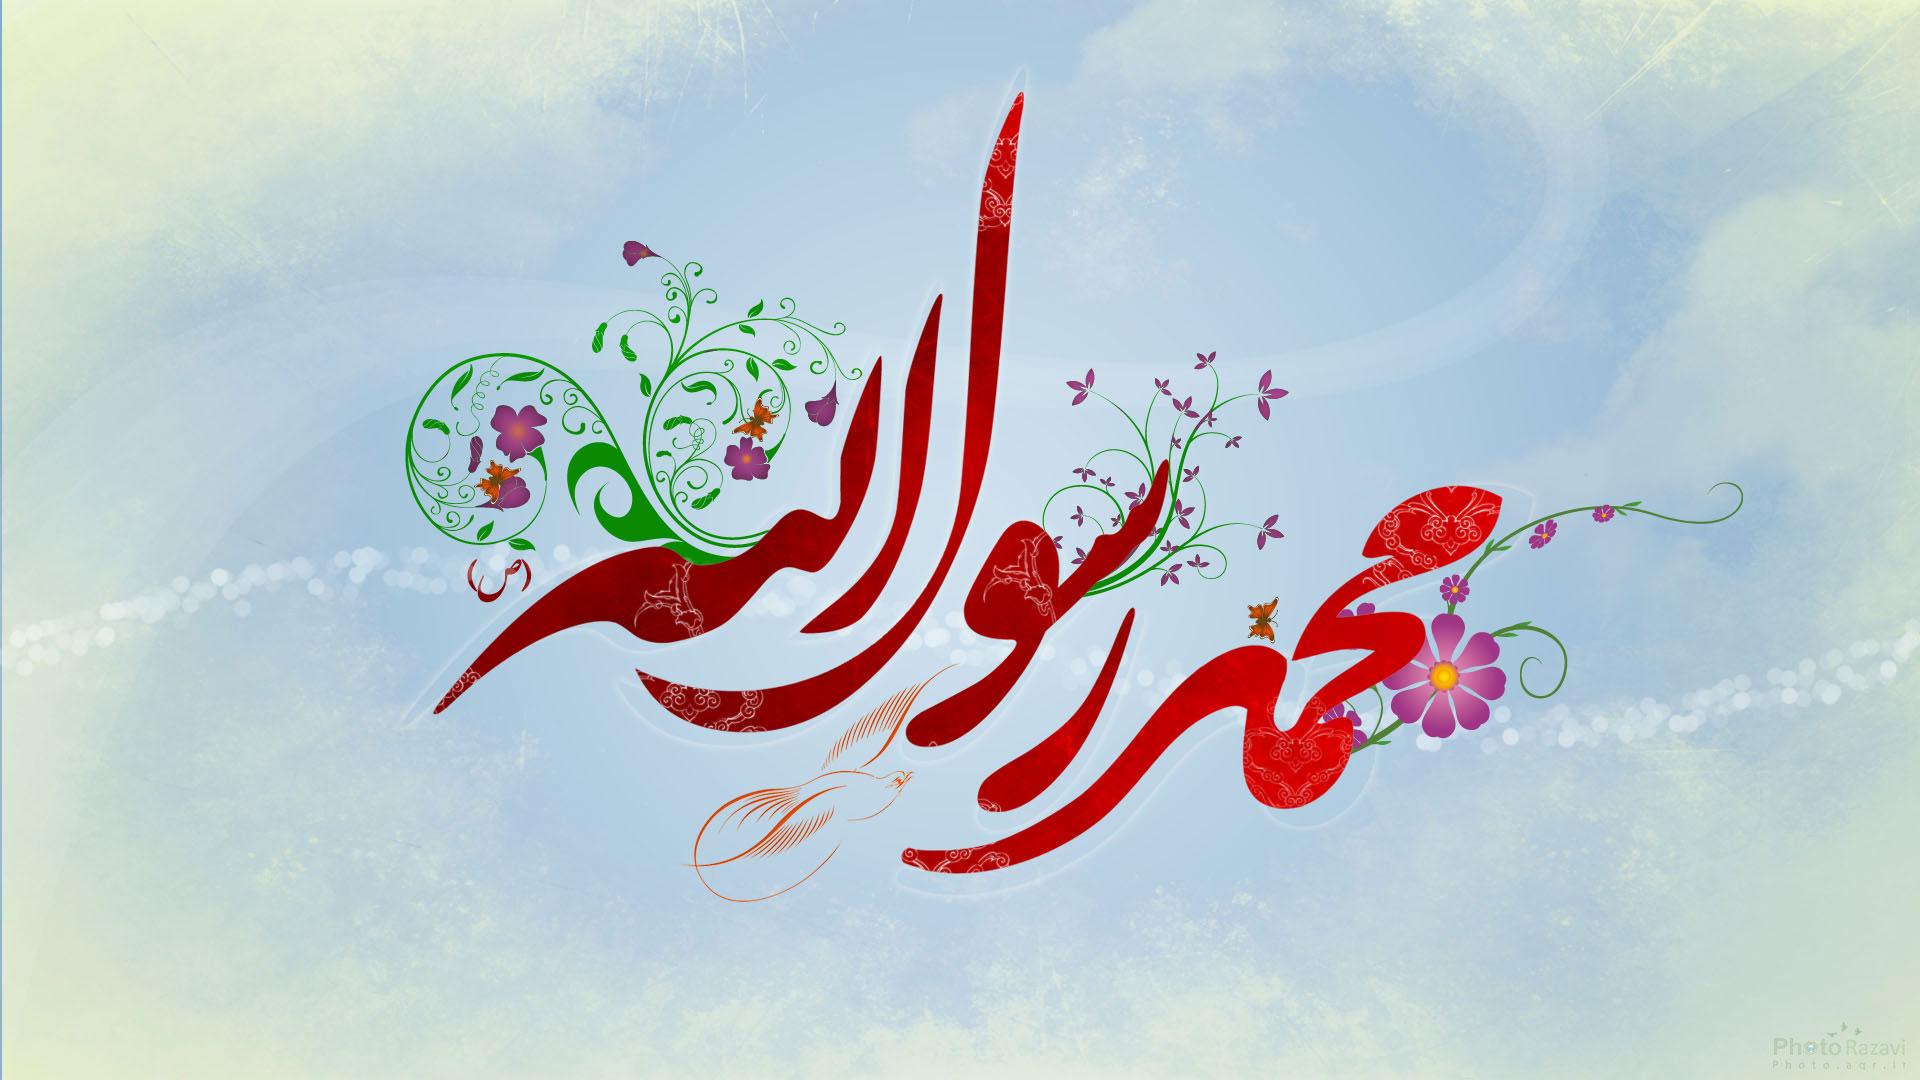 حضرت محمد (ص) برترین پیامبر خدا